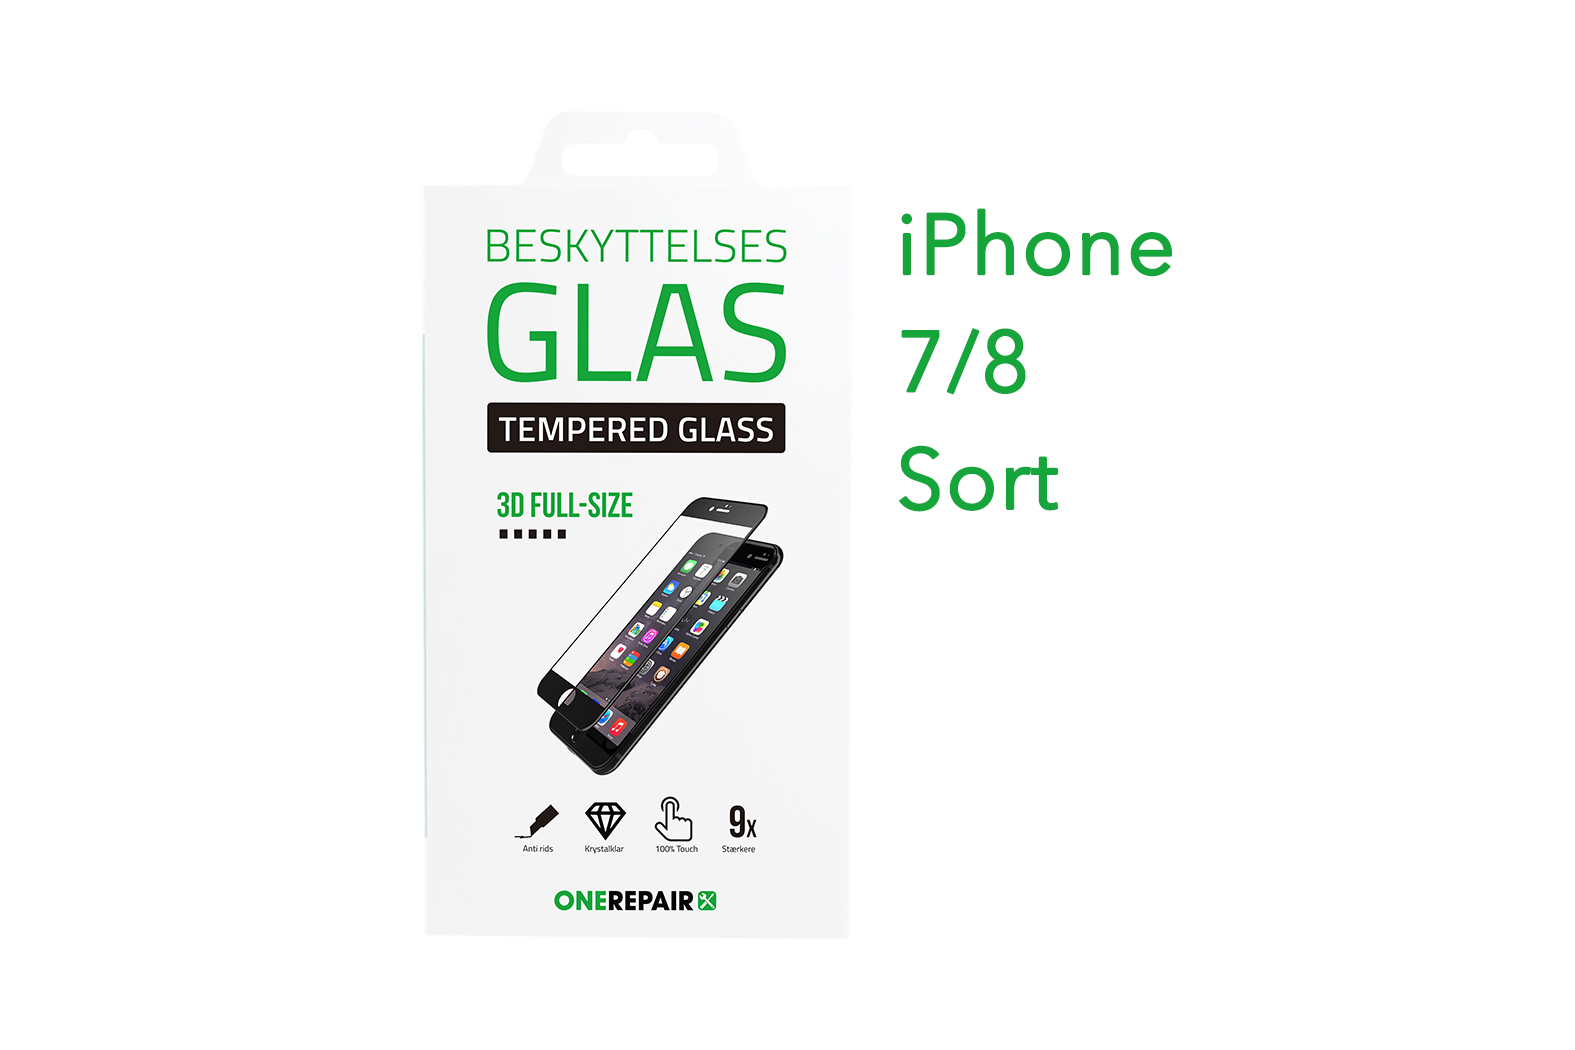 351272_iPhone_7_8_Fullsize_Full_Size_3D_Beskyttelses_glas_Panser_Panzer_Tempered_Glass_Sort_OneRepair_00001